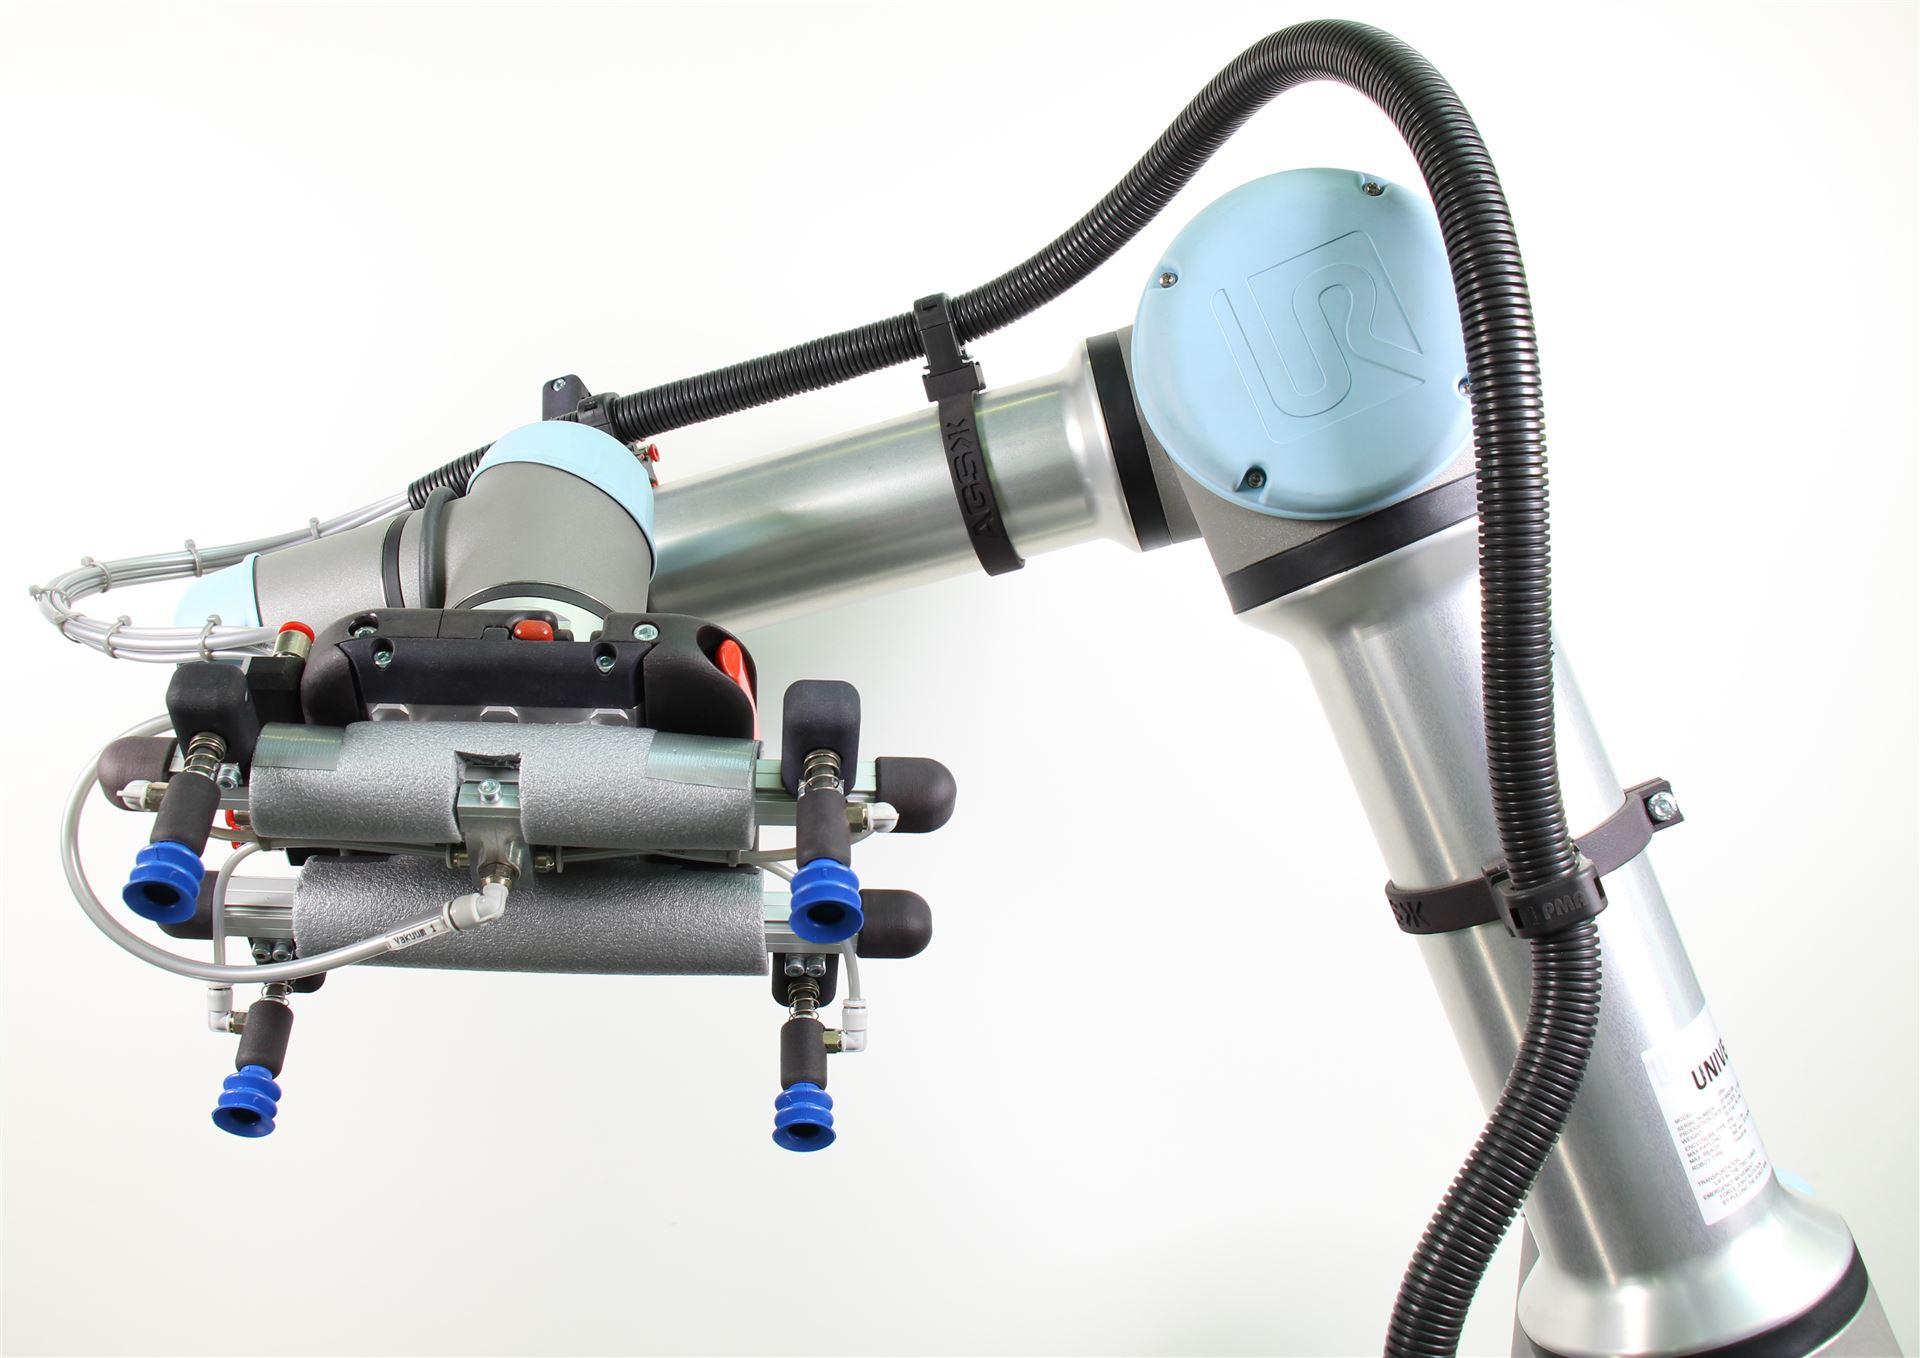 Zubehör für Kollaborierende Roboter